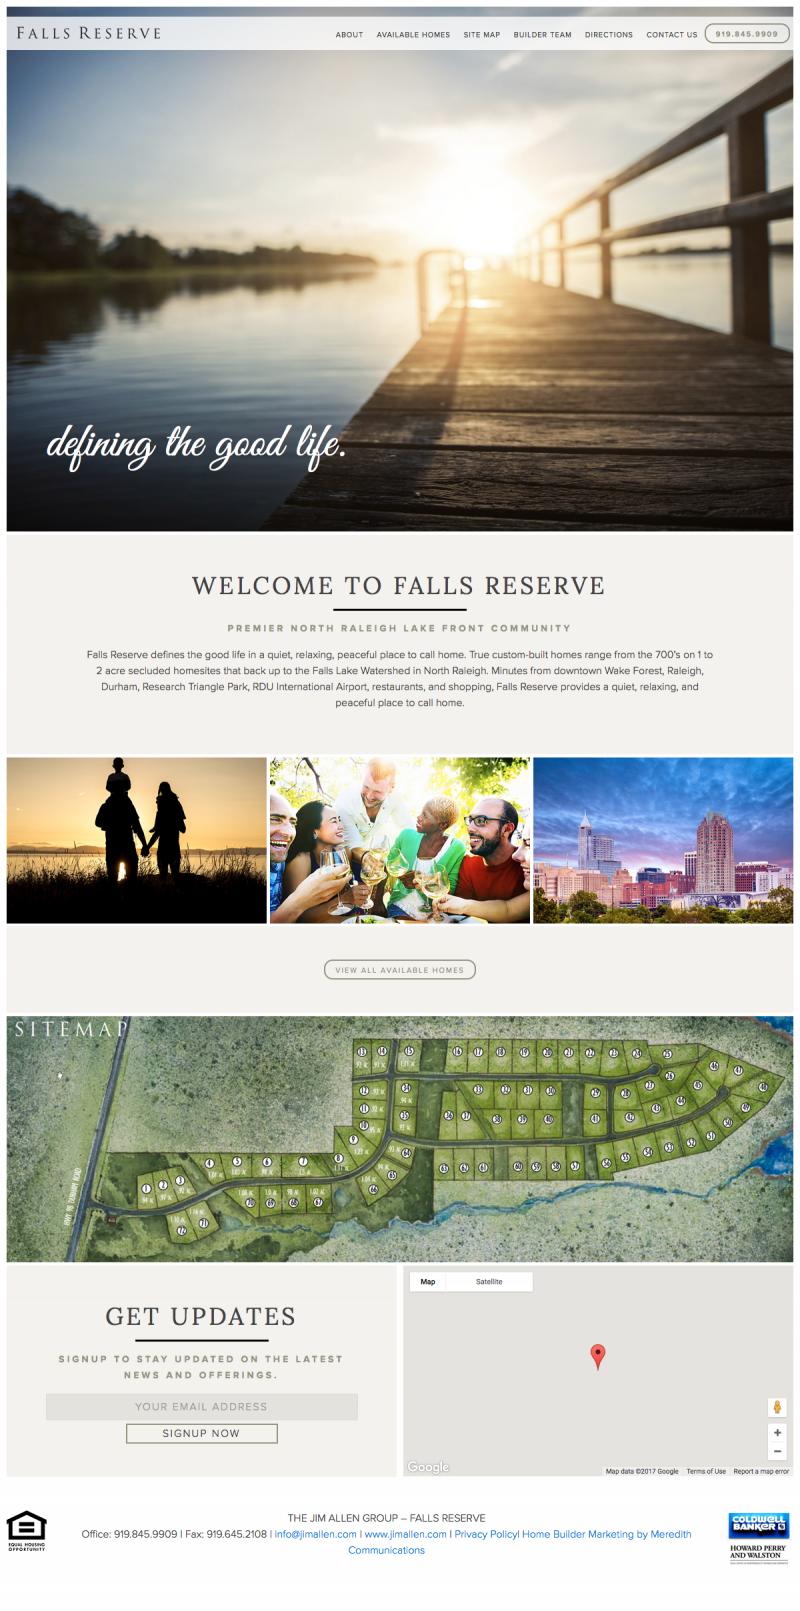 Falls Reserve